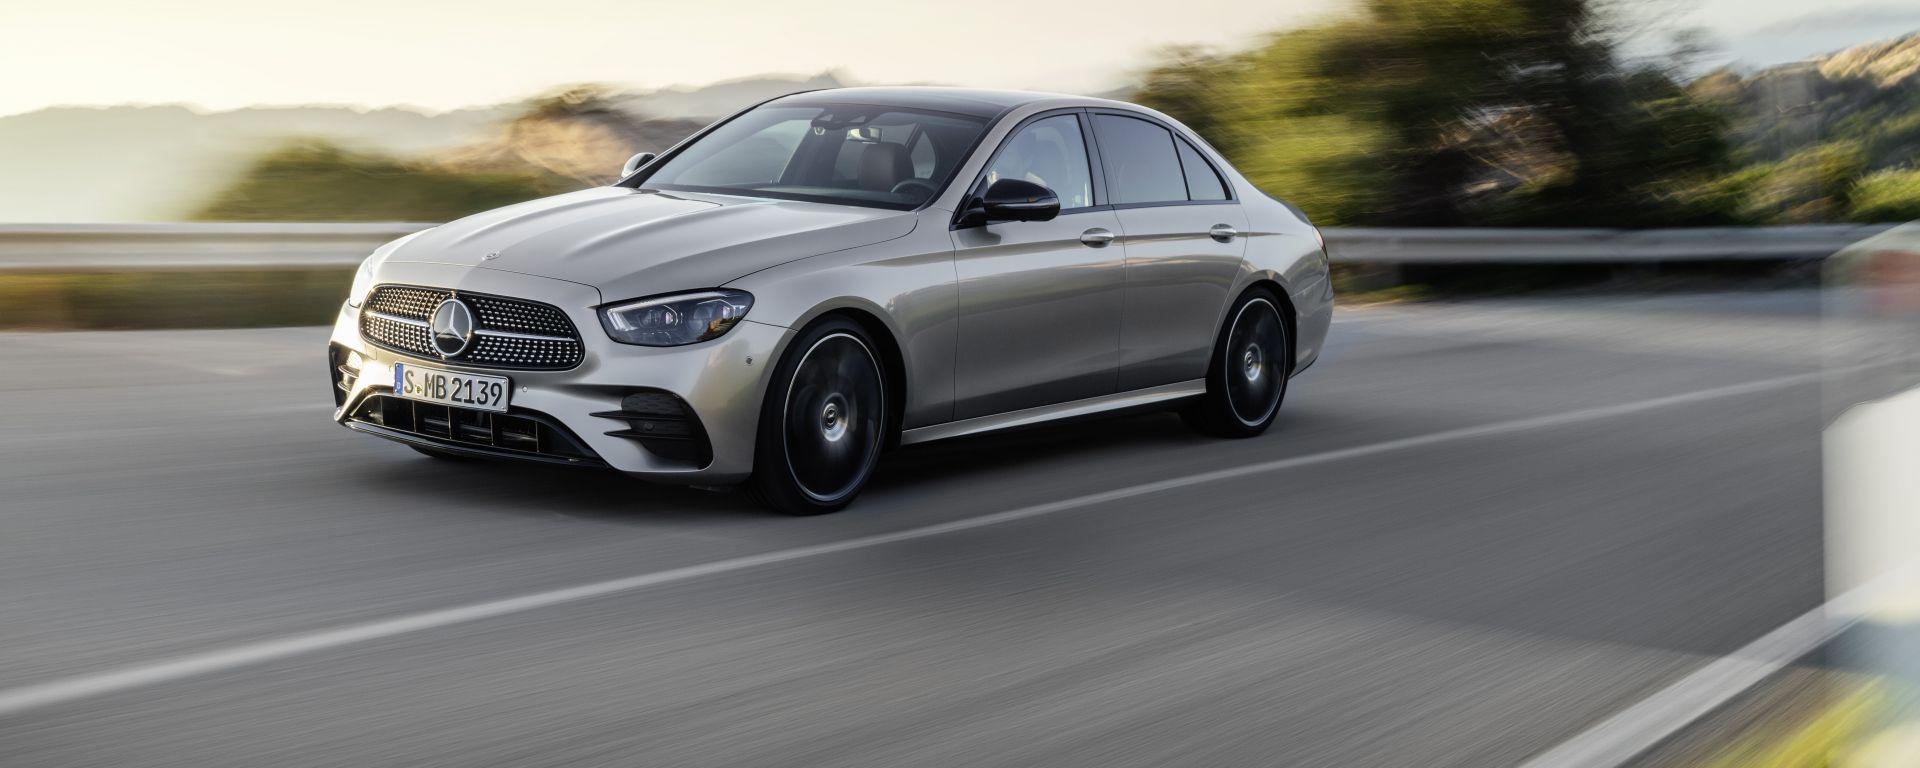 Crisi microchip: fermata la catena di montaggio della nuova Mercedes Classe E